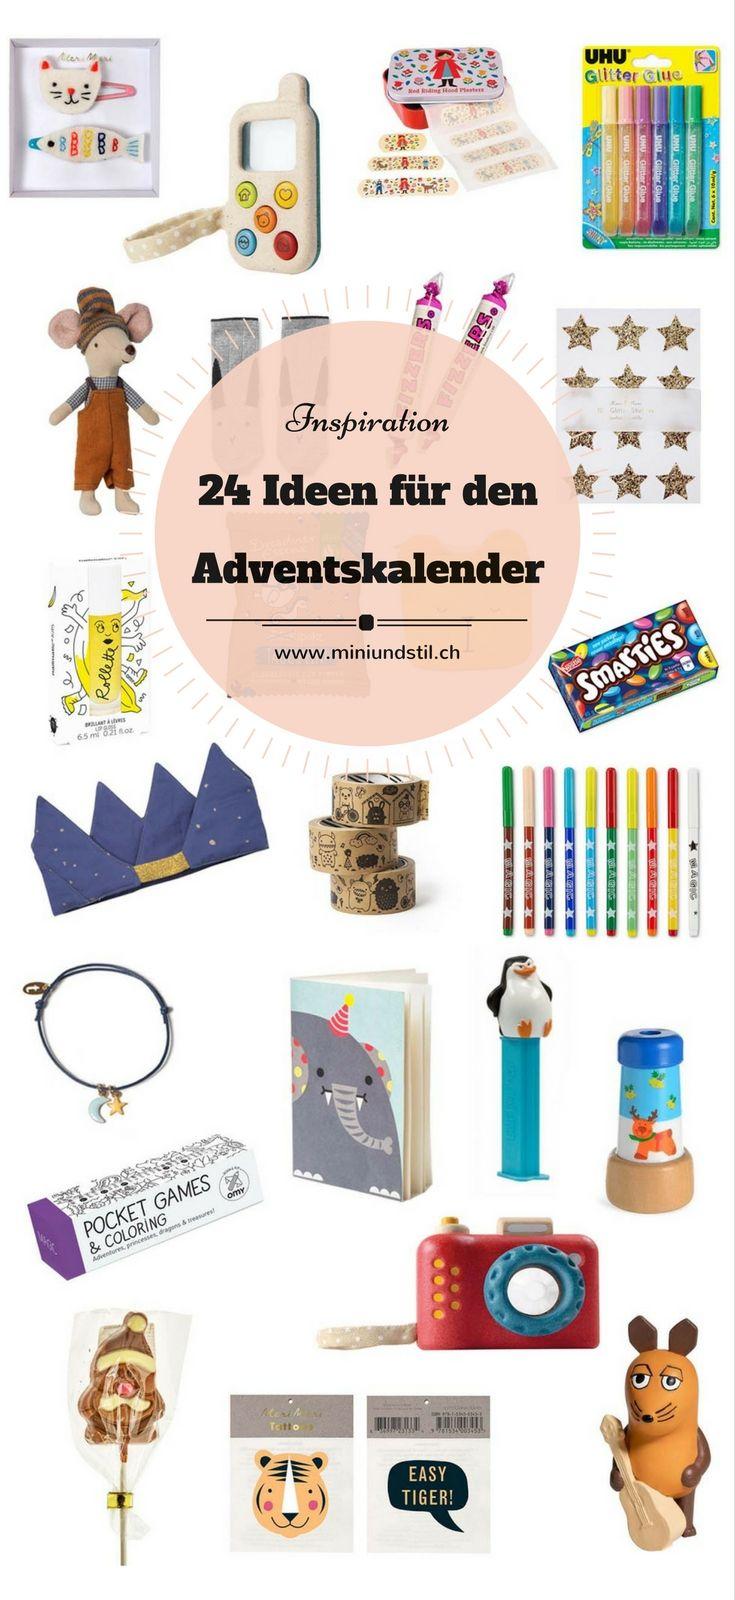 24 geschenkideen f r den adventskalender blog mini stil pinterest advent xmas und. Black Bedroom Furniture Sets. Home Design Ideas